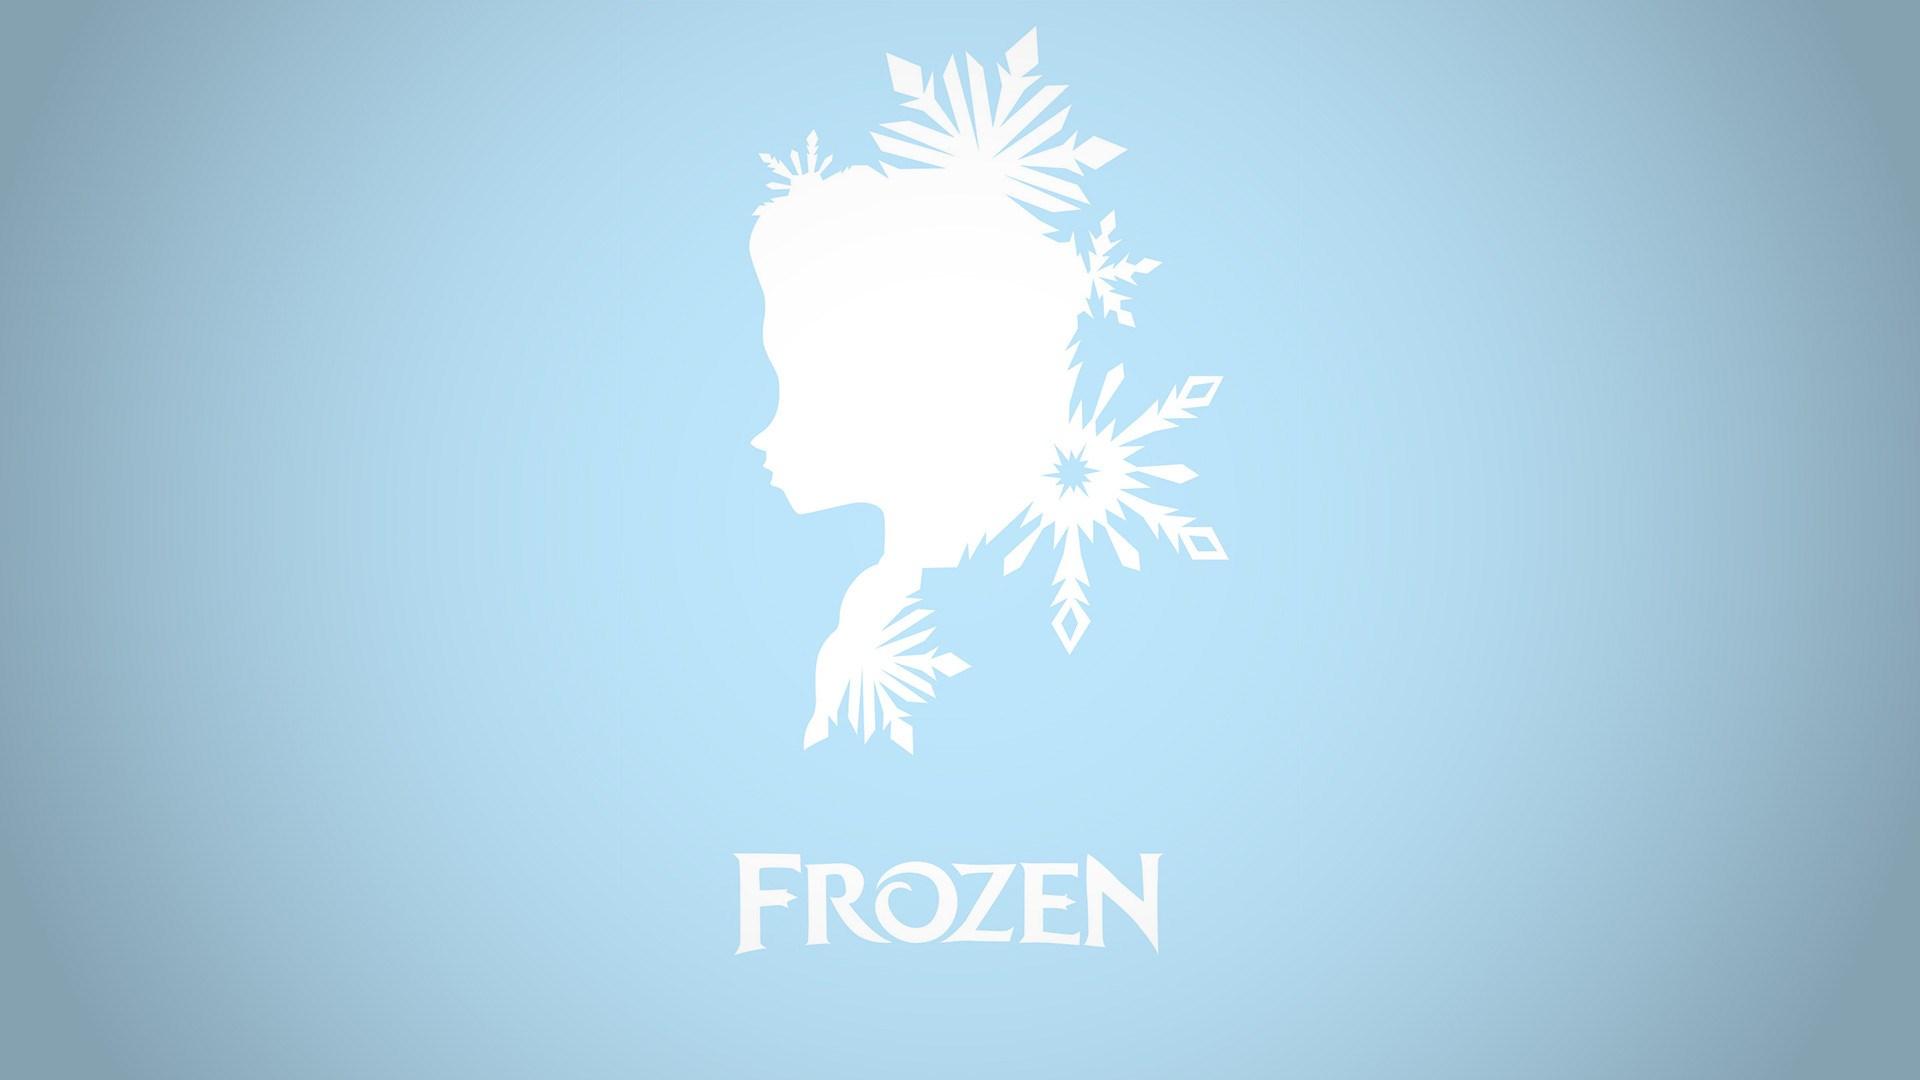 frozen elsa queen ice minimalist wallpaper vector cartoon 1920x1080